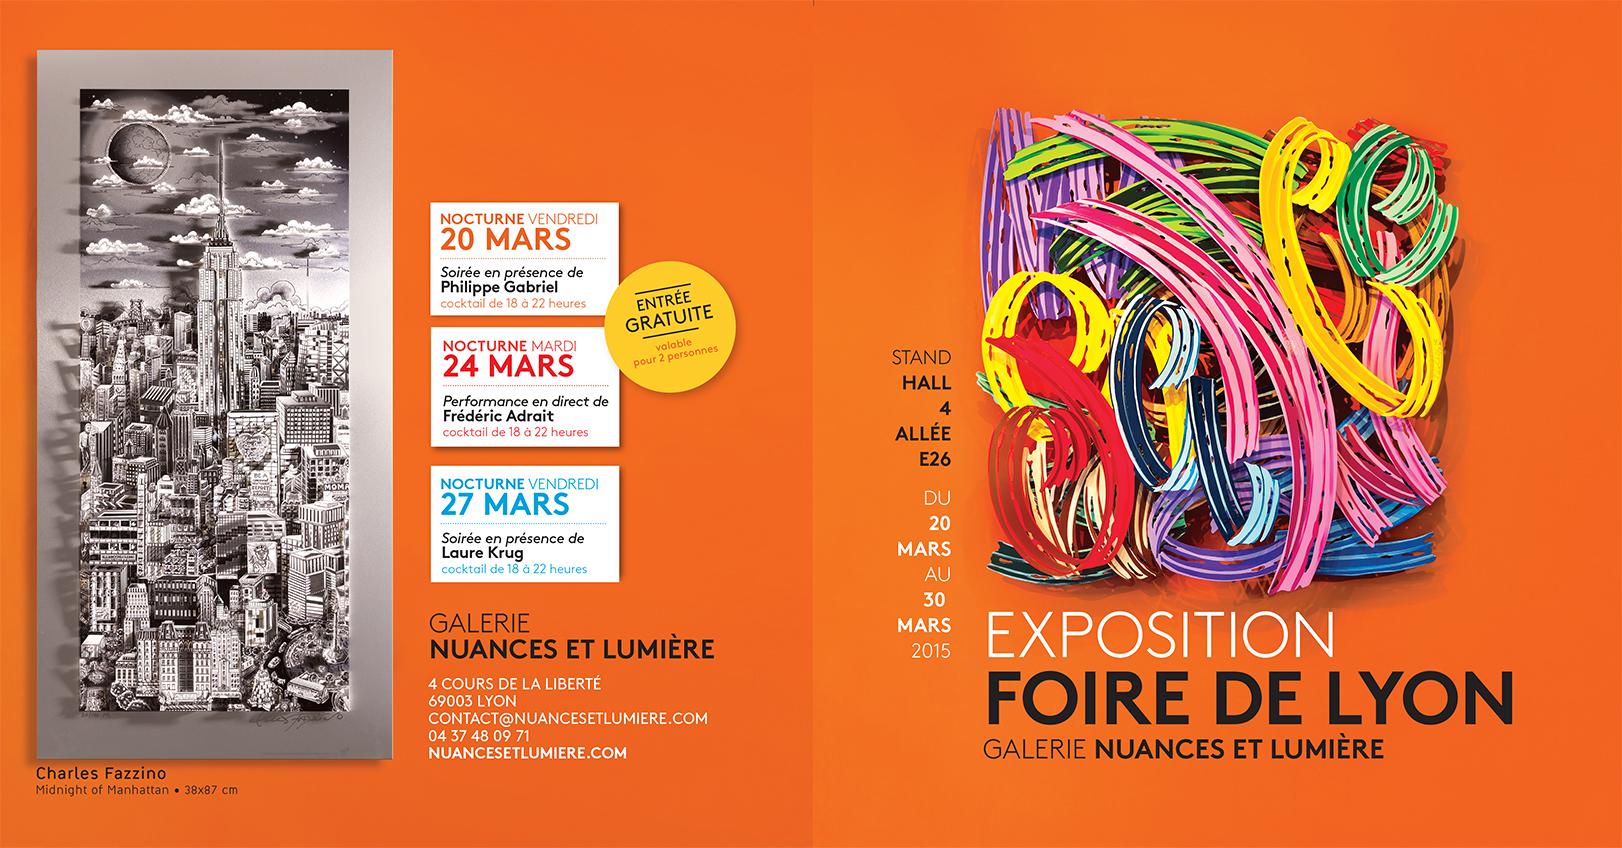 Invitation Foire De Lyon